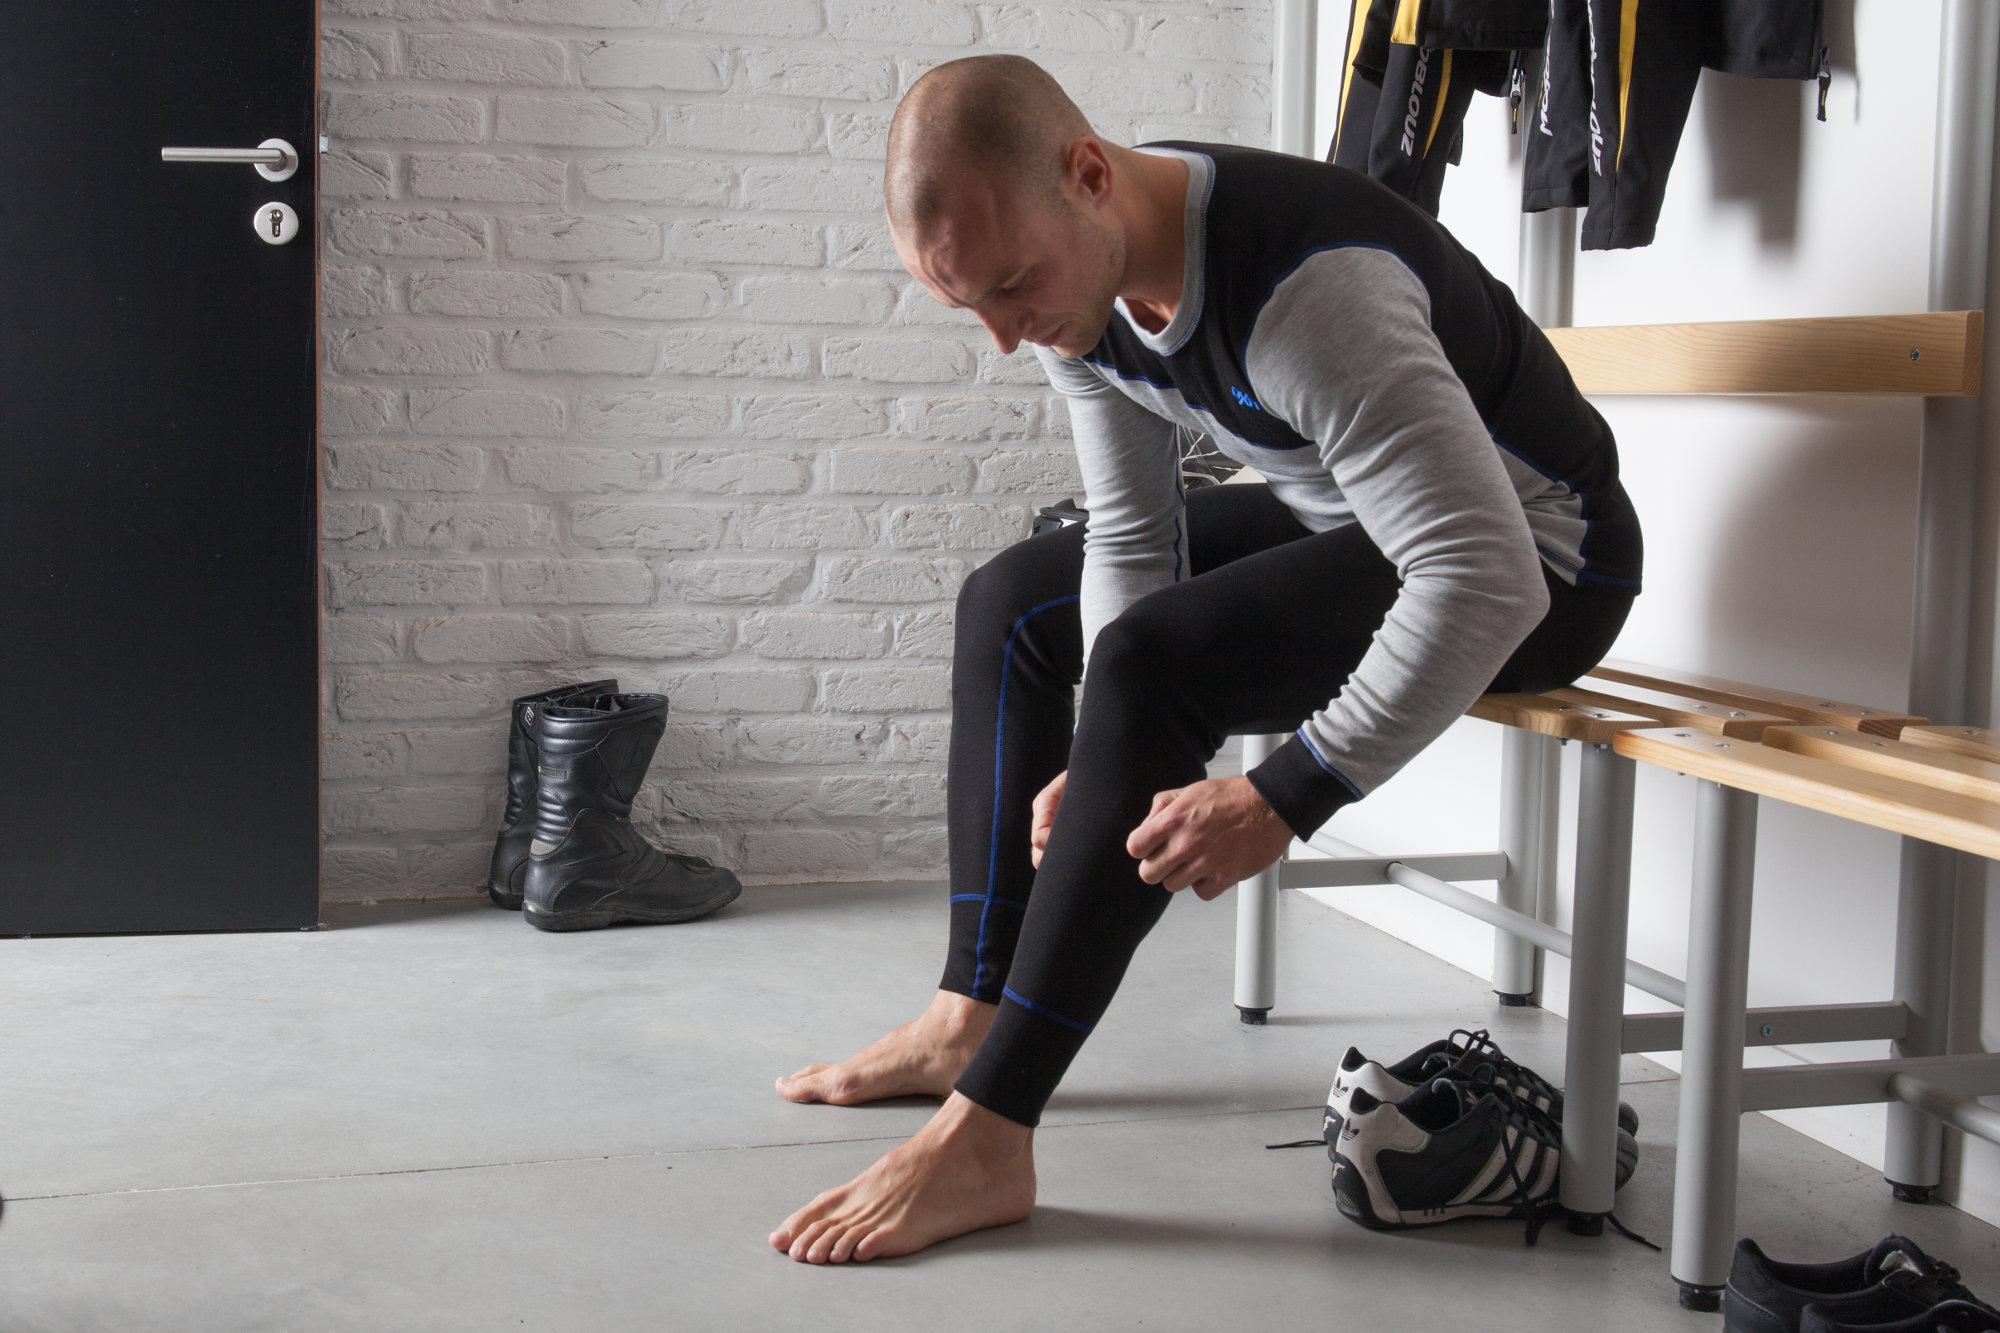 Las prendas DXR Vaillant aumentarán vuestra capacidad para afrontar el frío